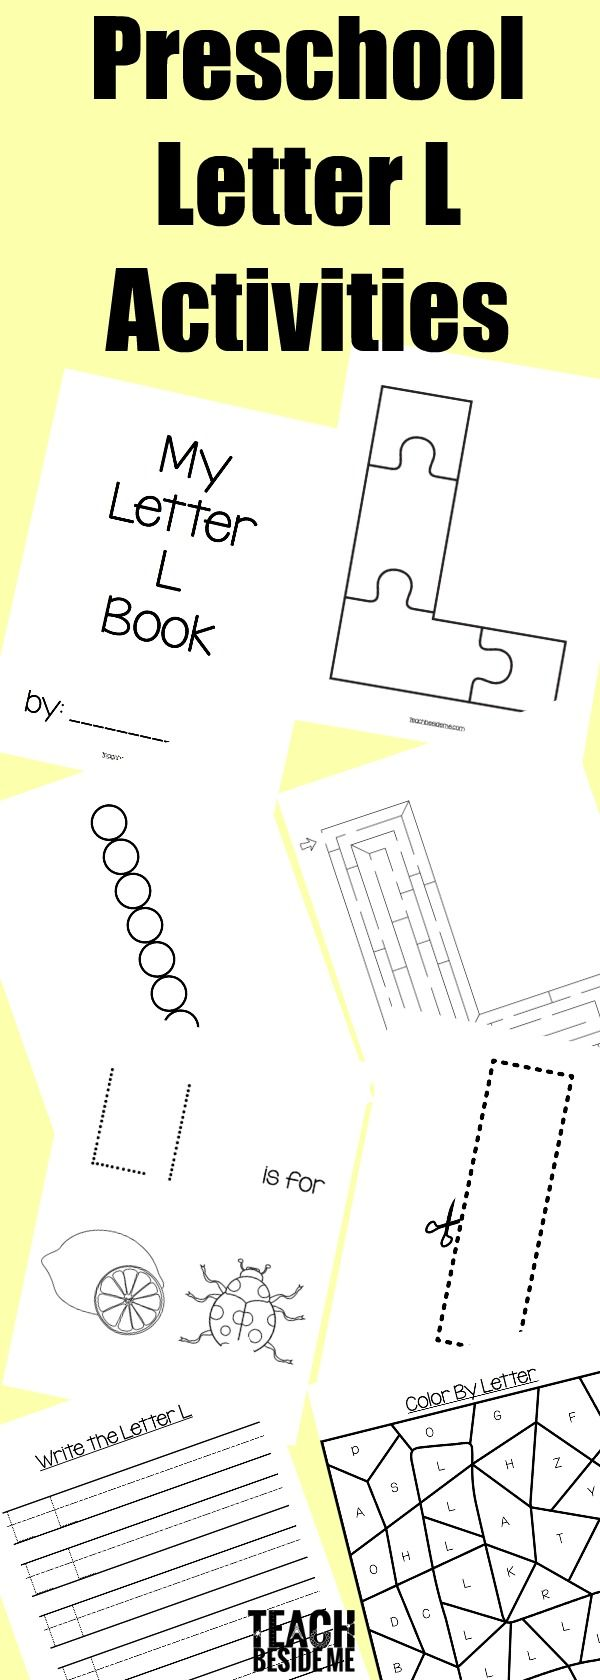 Letter Of The Week Preschool Letter L Activities Preschool Letters Letter L Lettering [ 1680 x 600 Pixel ]